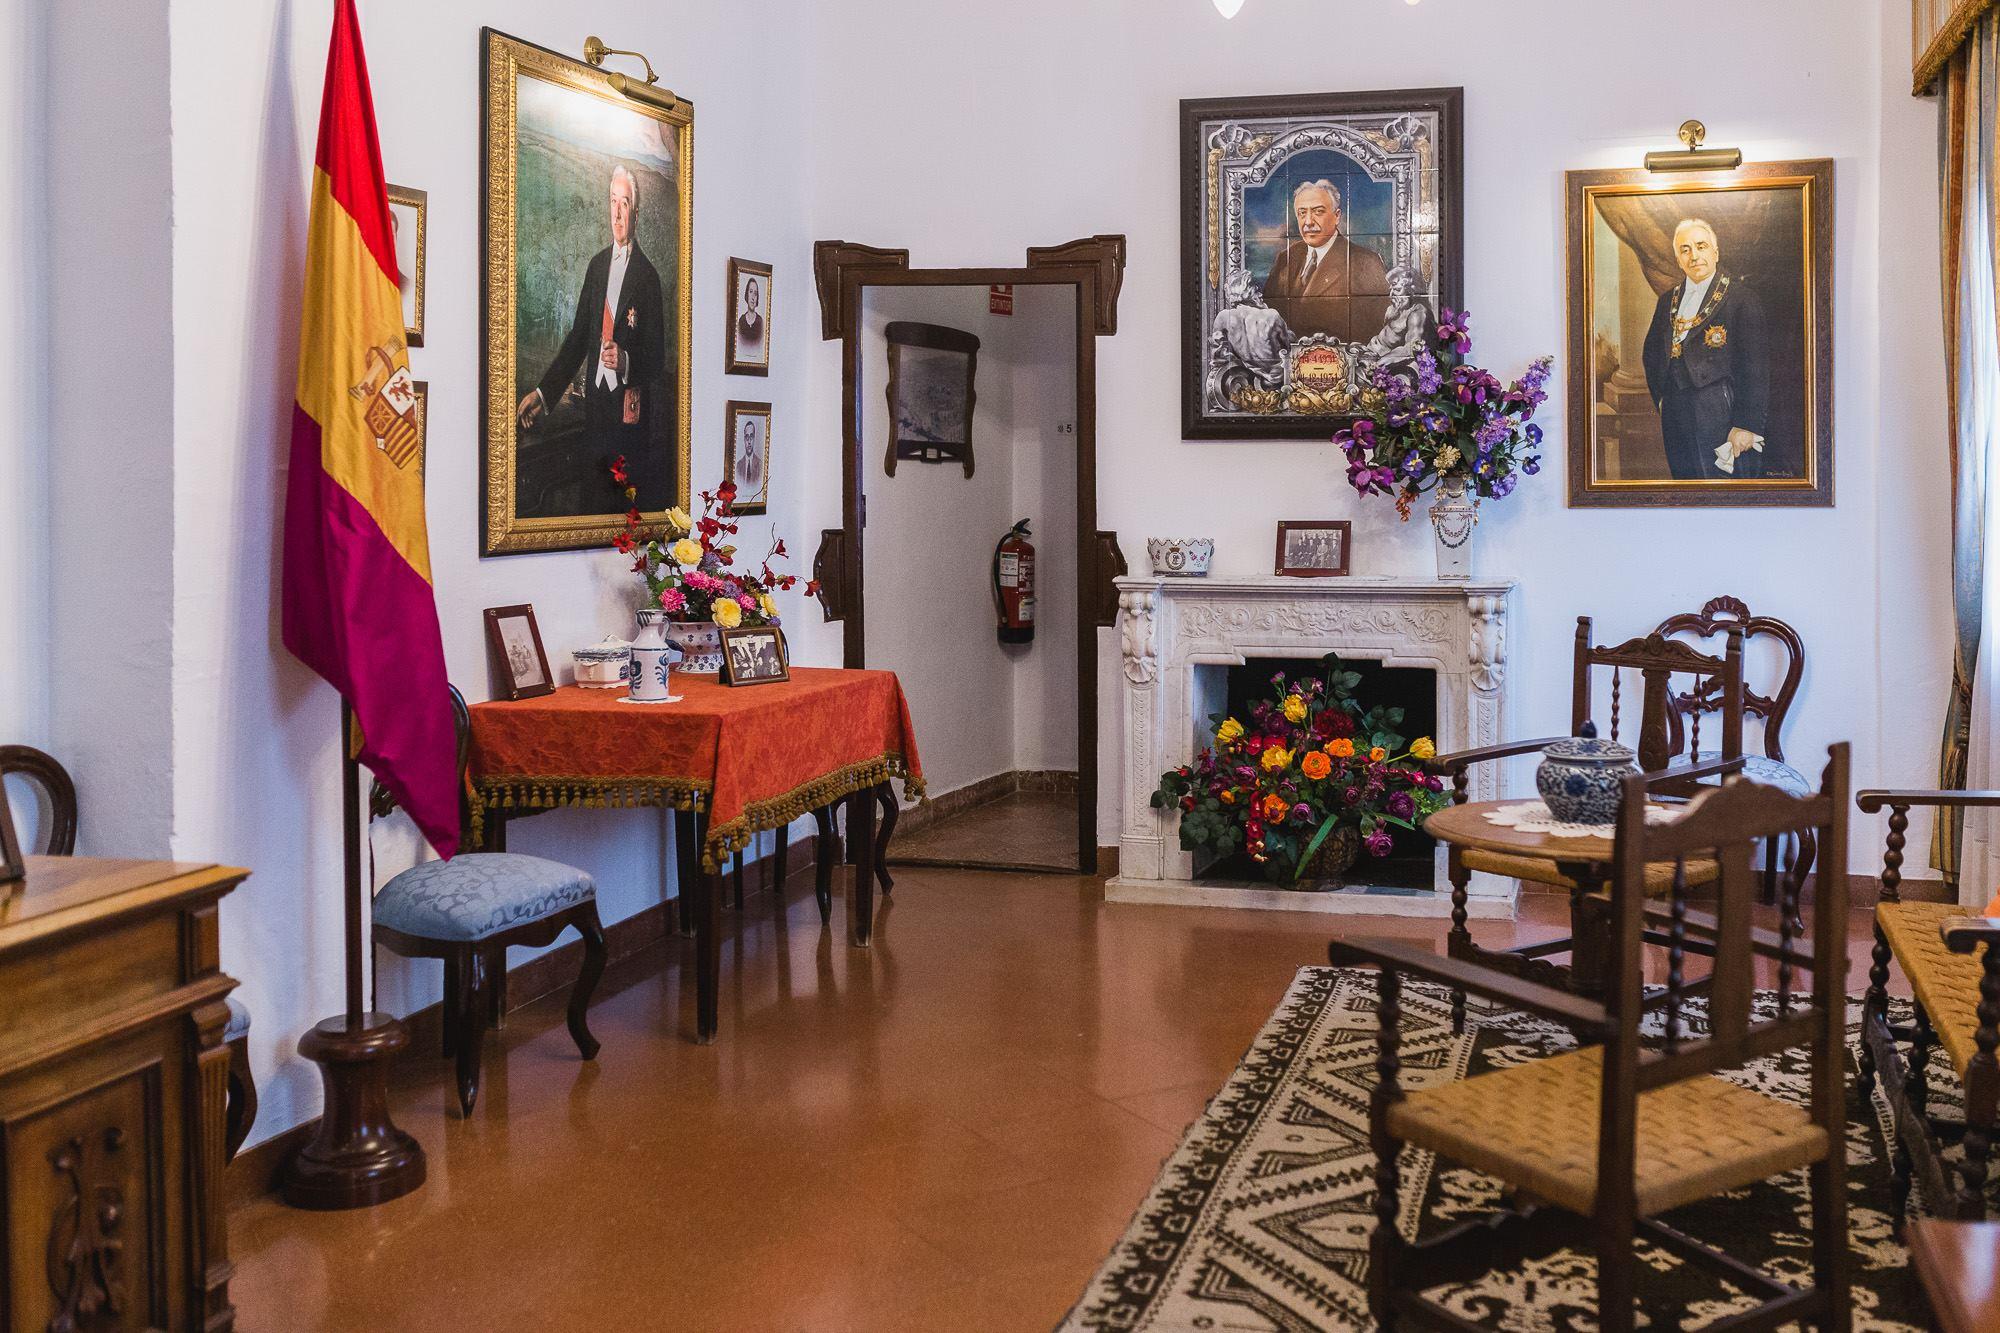 La casa-museo de Niceto Alcalá Zamora es una oportunidad para conocer las diferentes facetas del presidente de la II República.